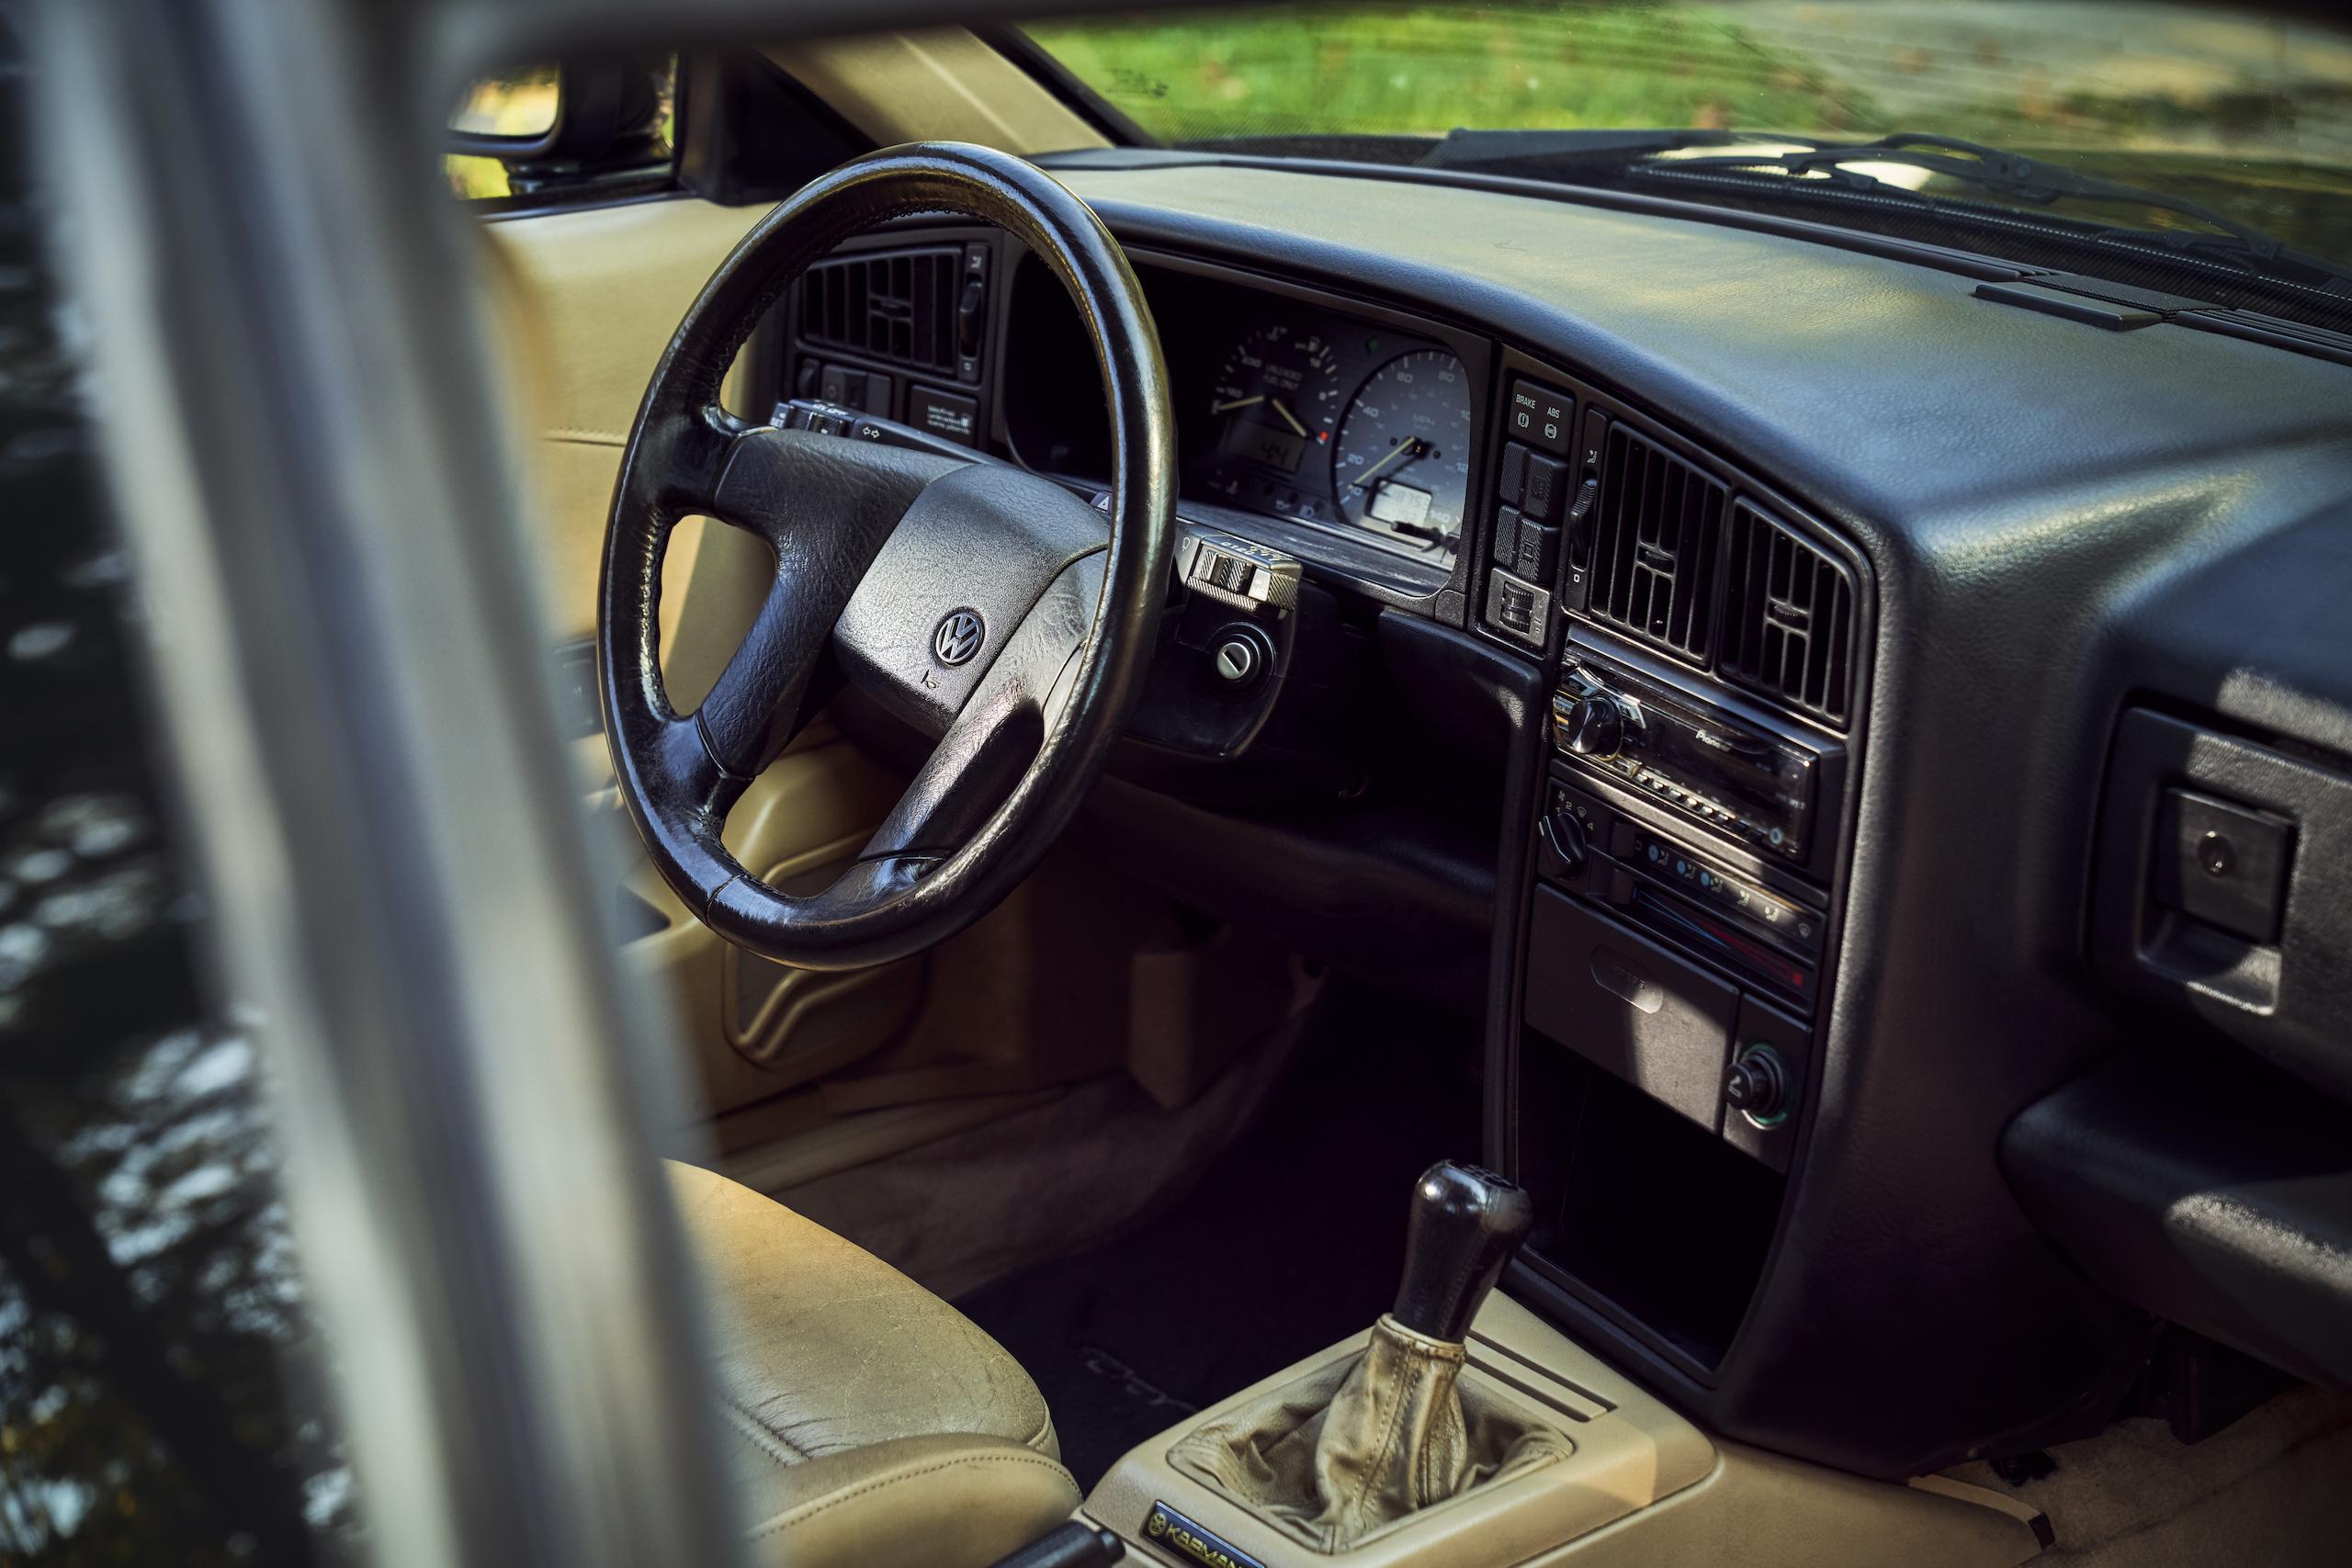 Volkswagen VW Corrado front interior